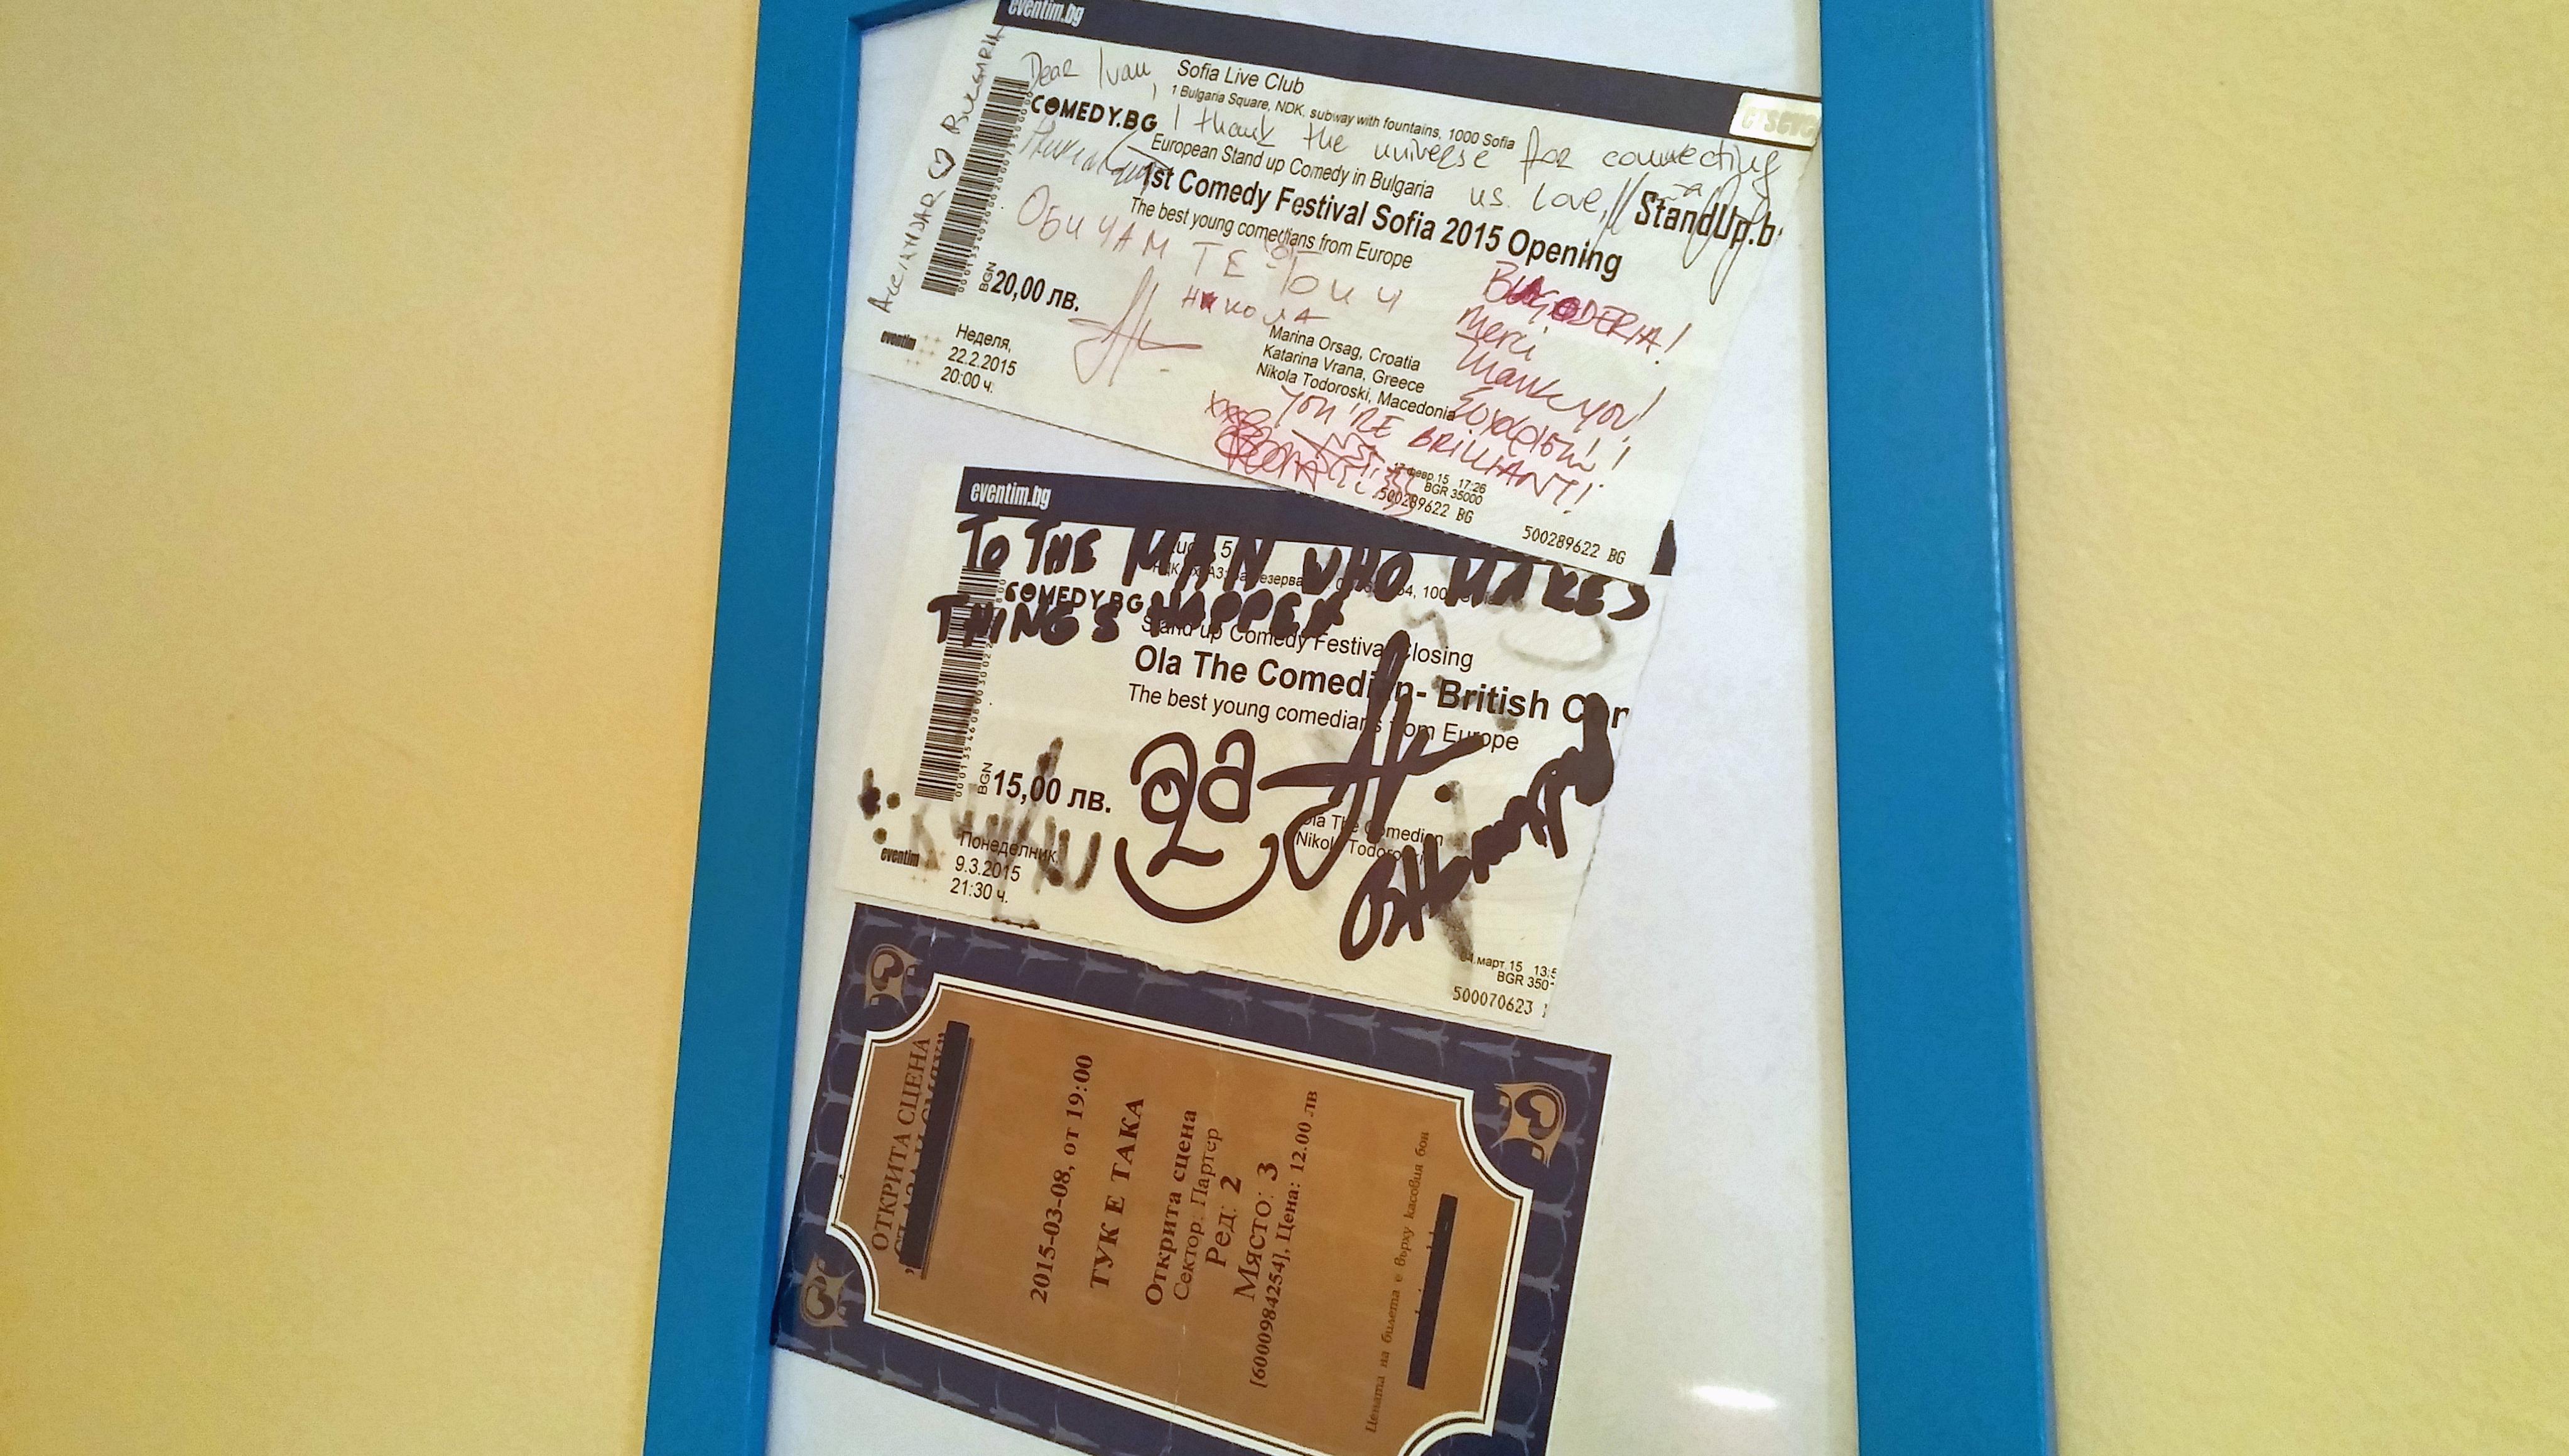 билети за стендъп комедия